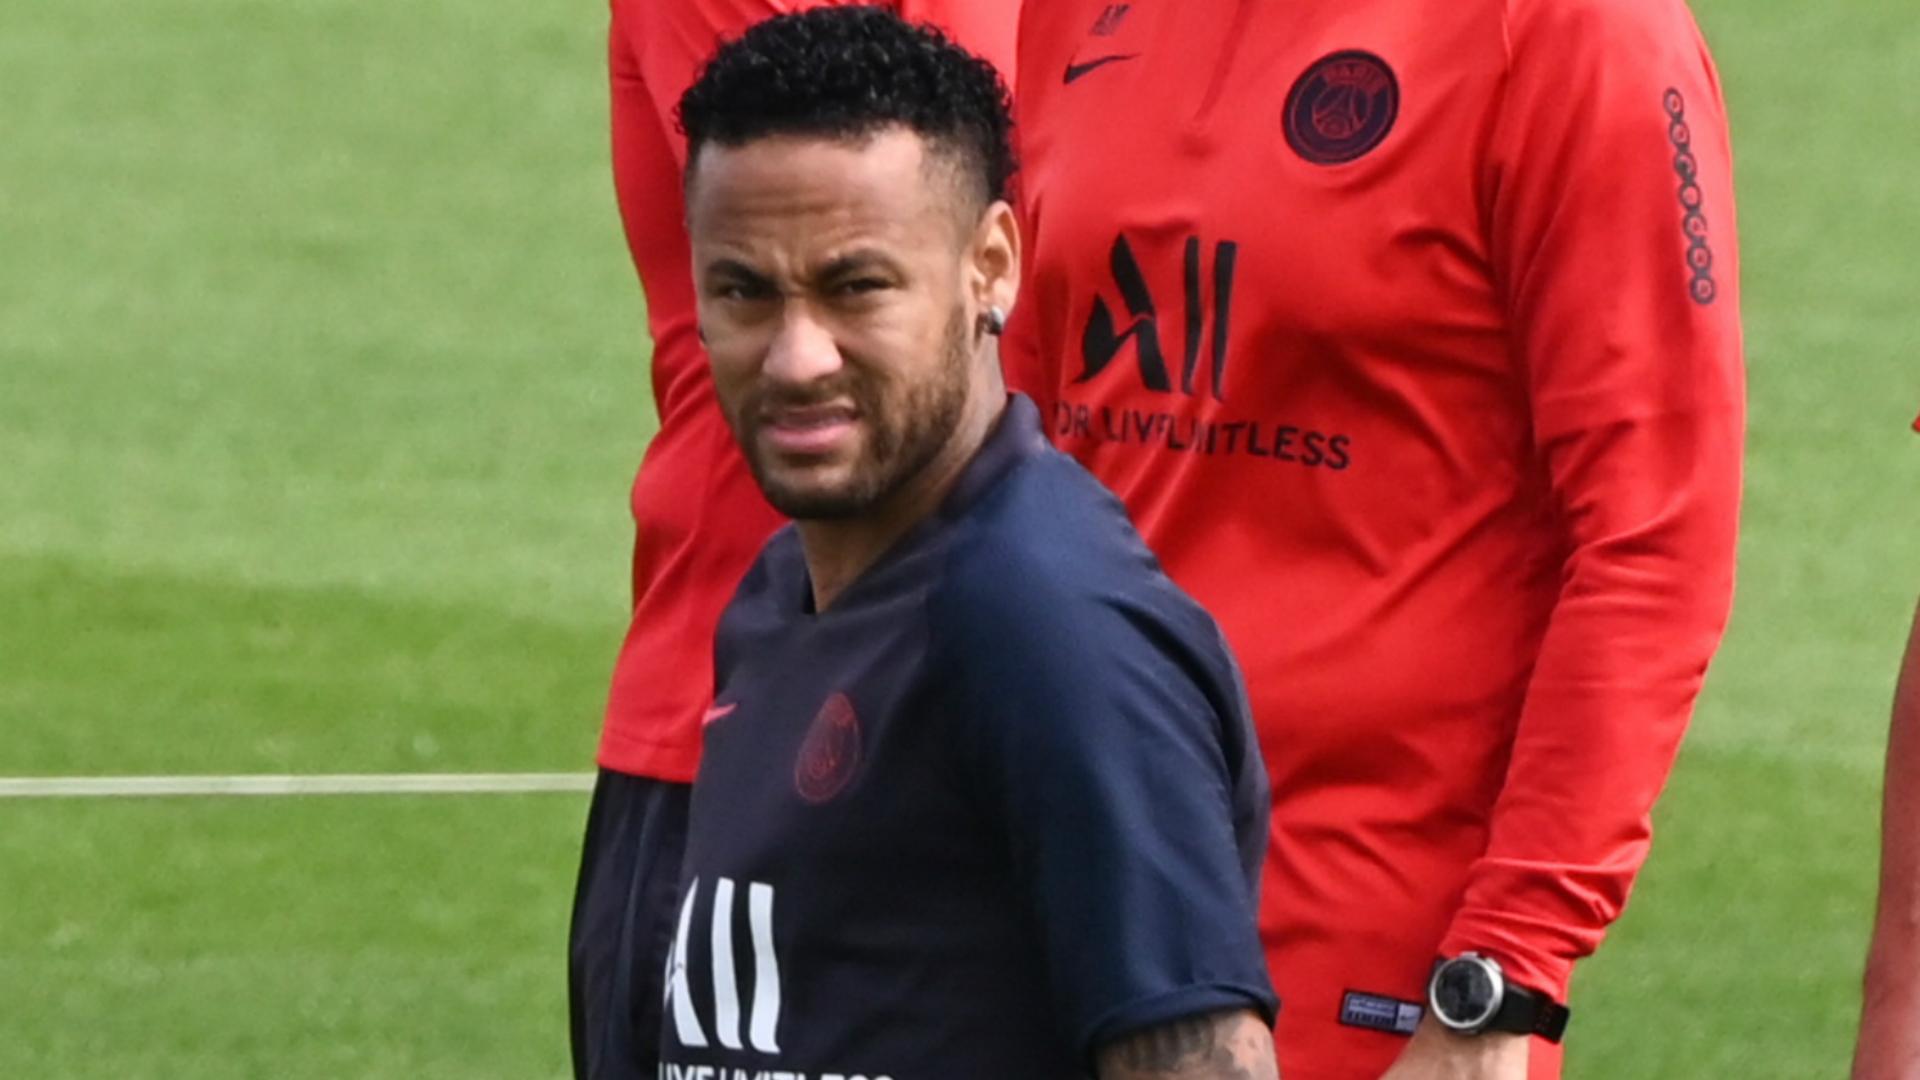 Villas-Boas: Not good for Ligue 1 if Neymar leaves PSG